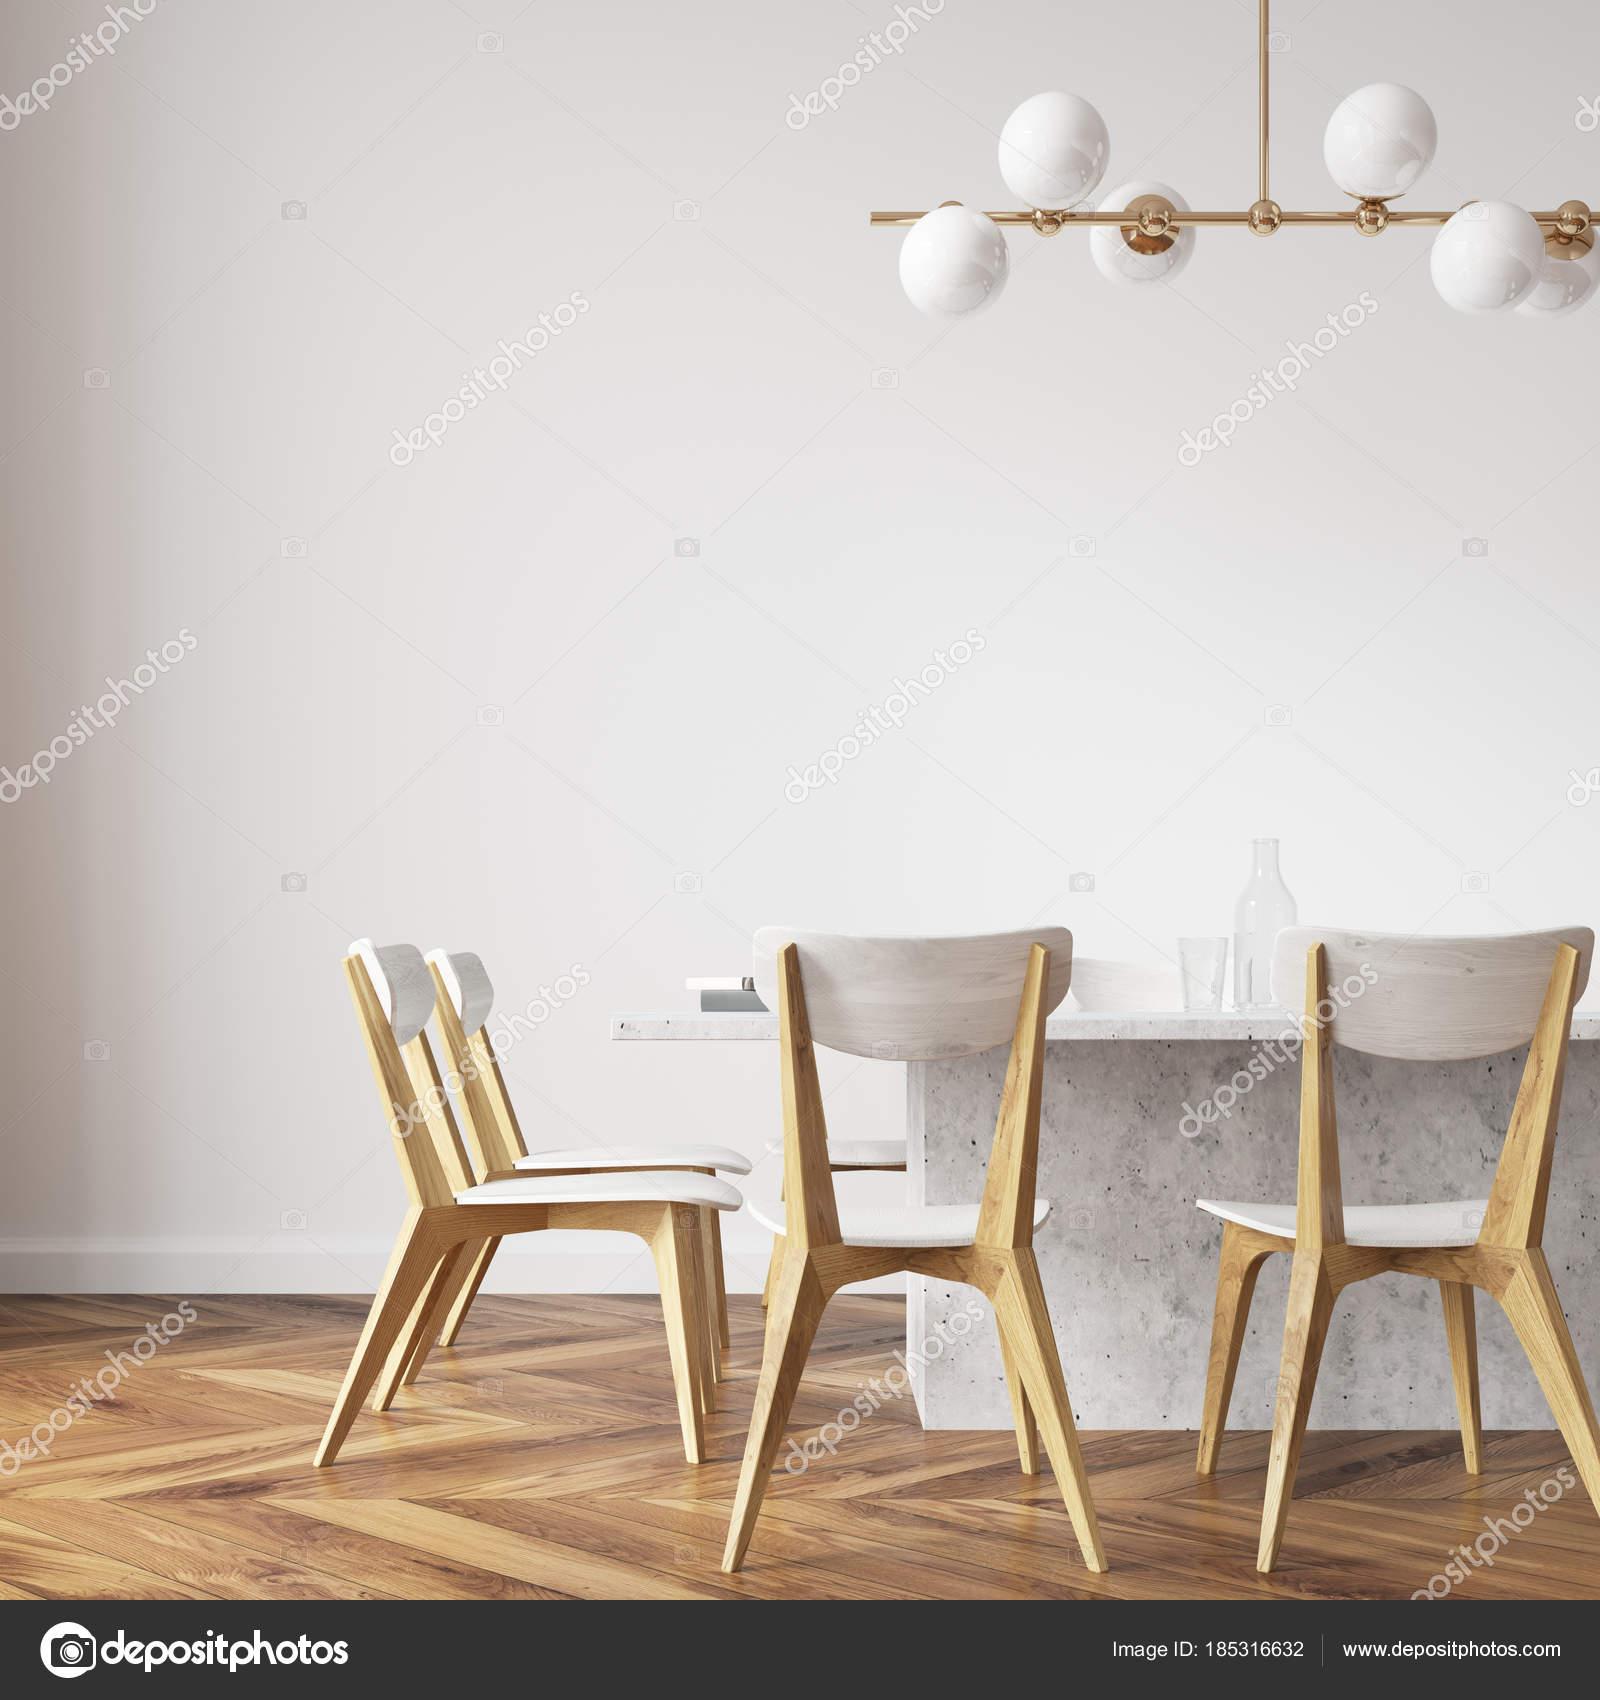 Design Witte Eettafel.Witte Eettafel Met Stoelen Inspirational Stoelen Eettafel